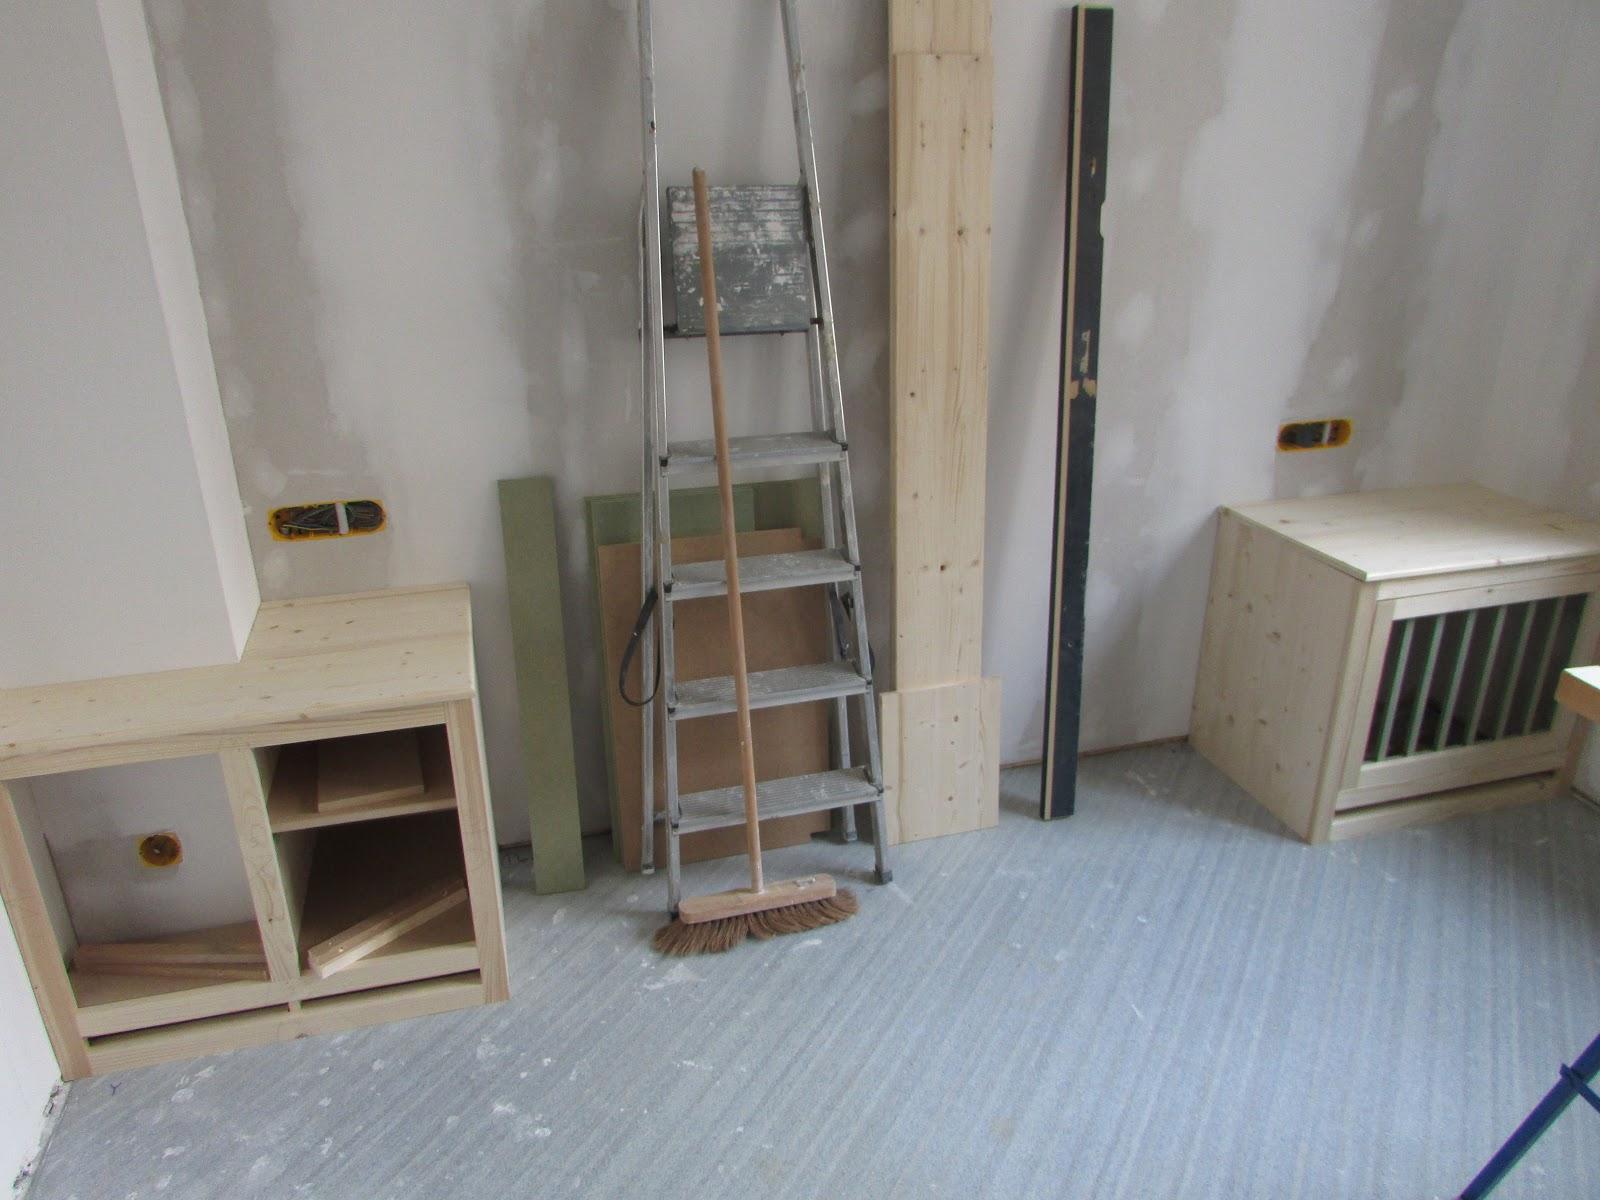 verbouwing van ons ouderlijk huis: meubels slaapkamer 1